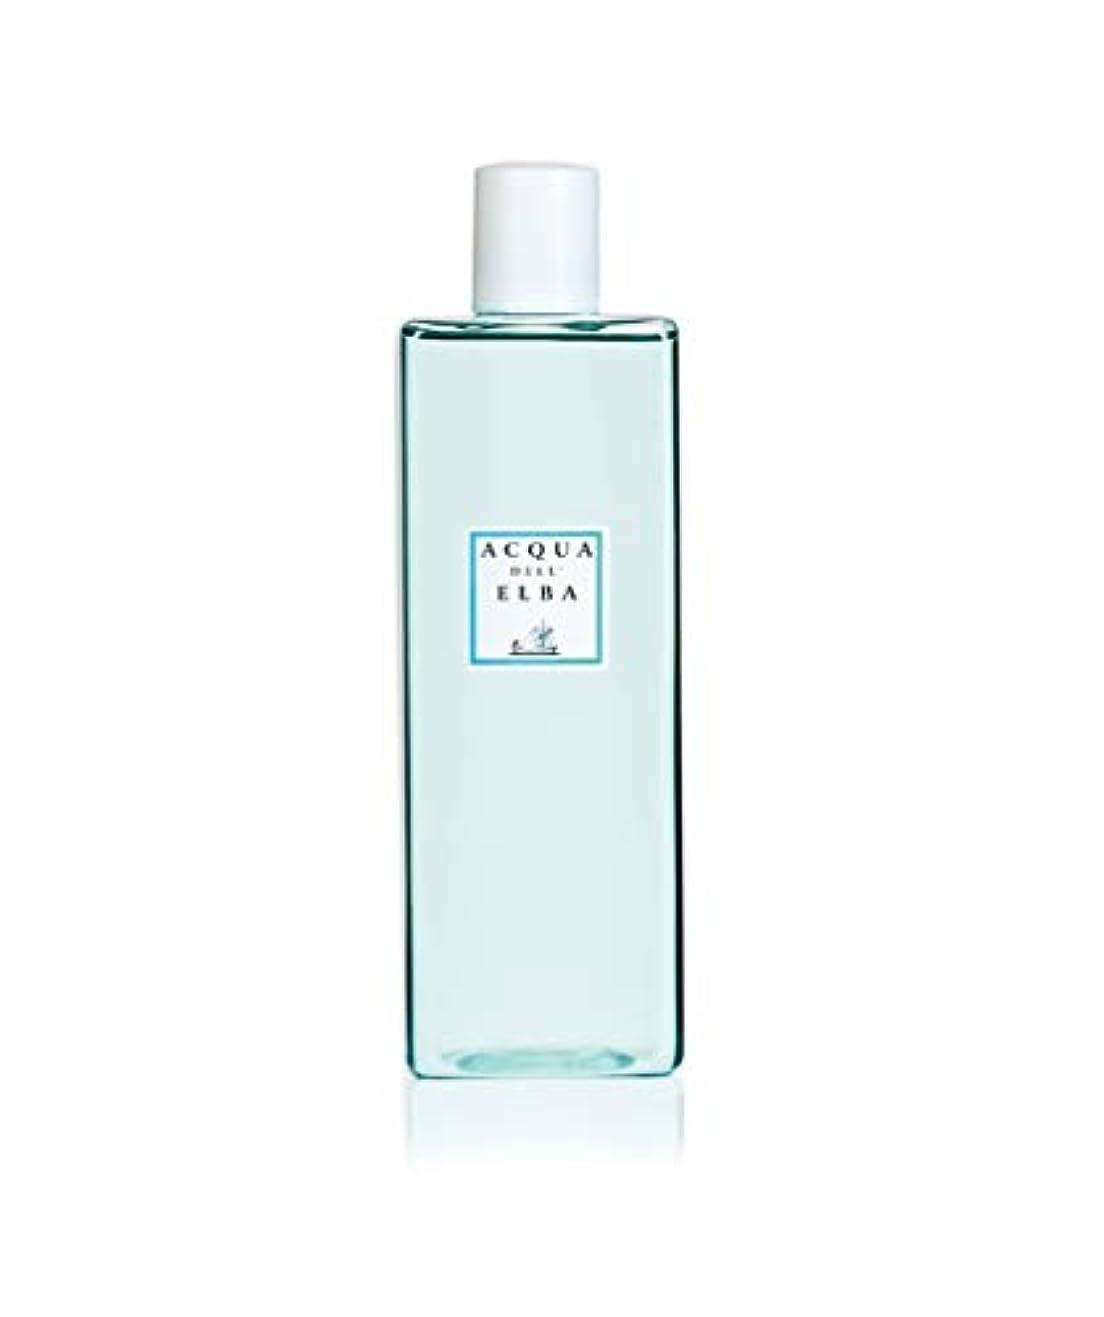 徹底バス鎖アクア?デッレ?エルバ Home Fragrance Diffuser Refill - Isola D'Elba 500ml/17oz並行輸入品